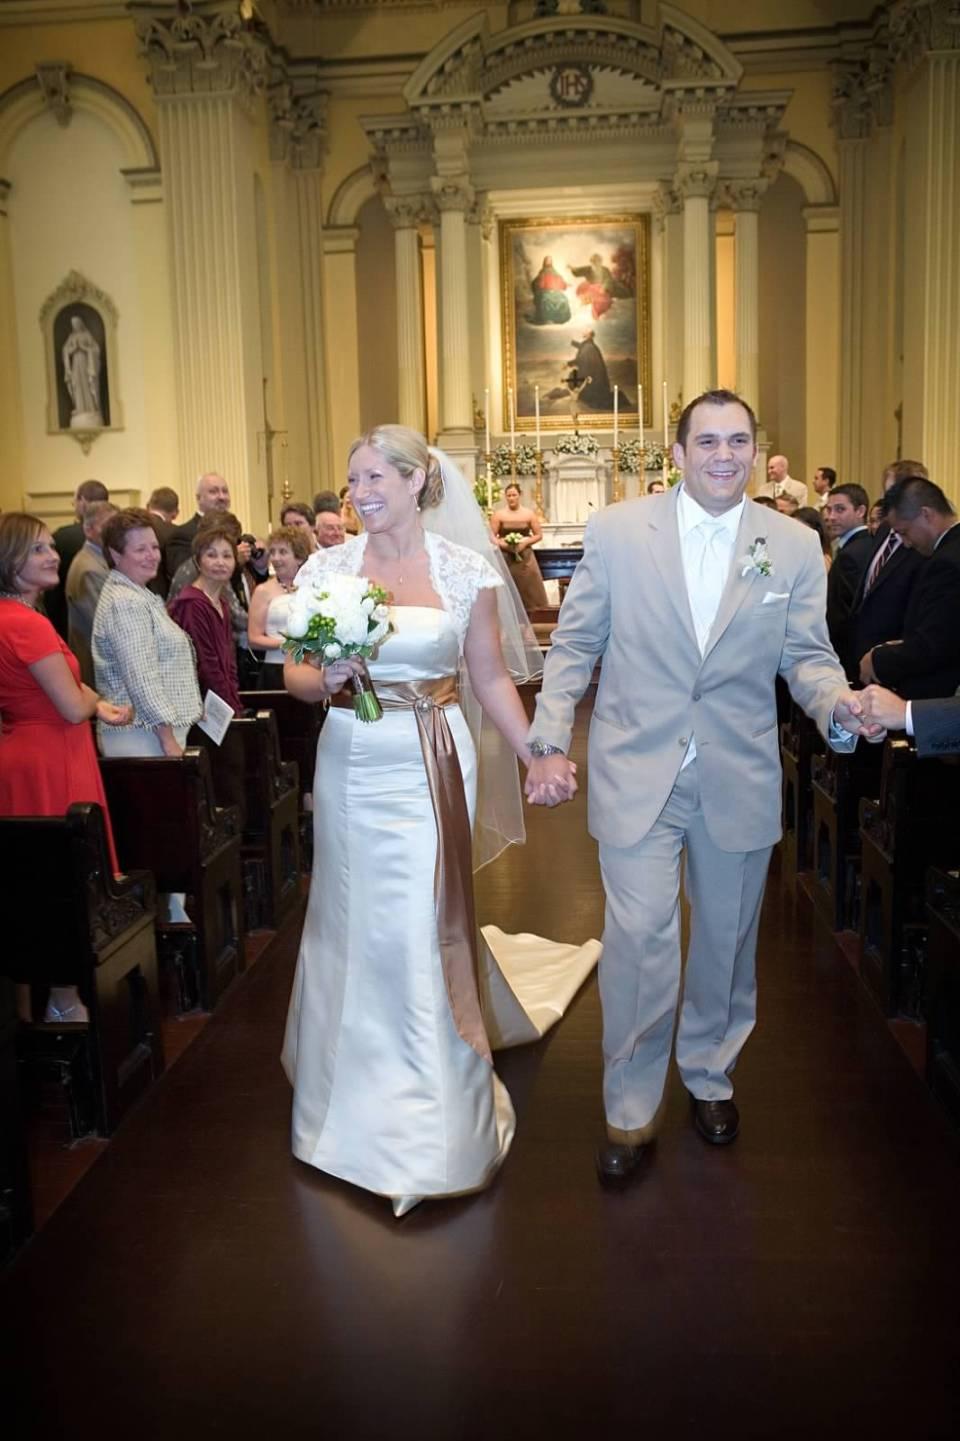 St. Ignatius Church Baltimore Wedding Ceremony